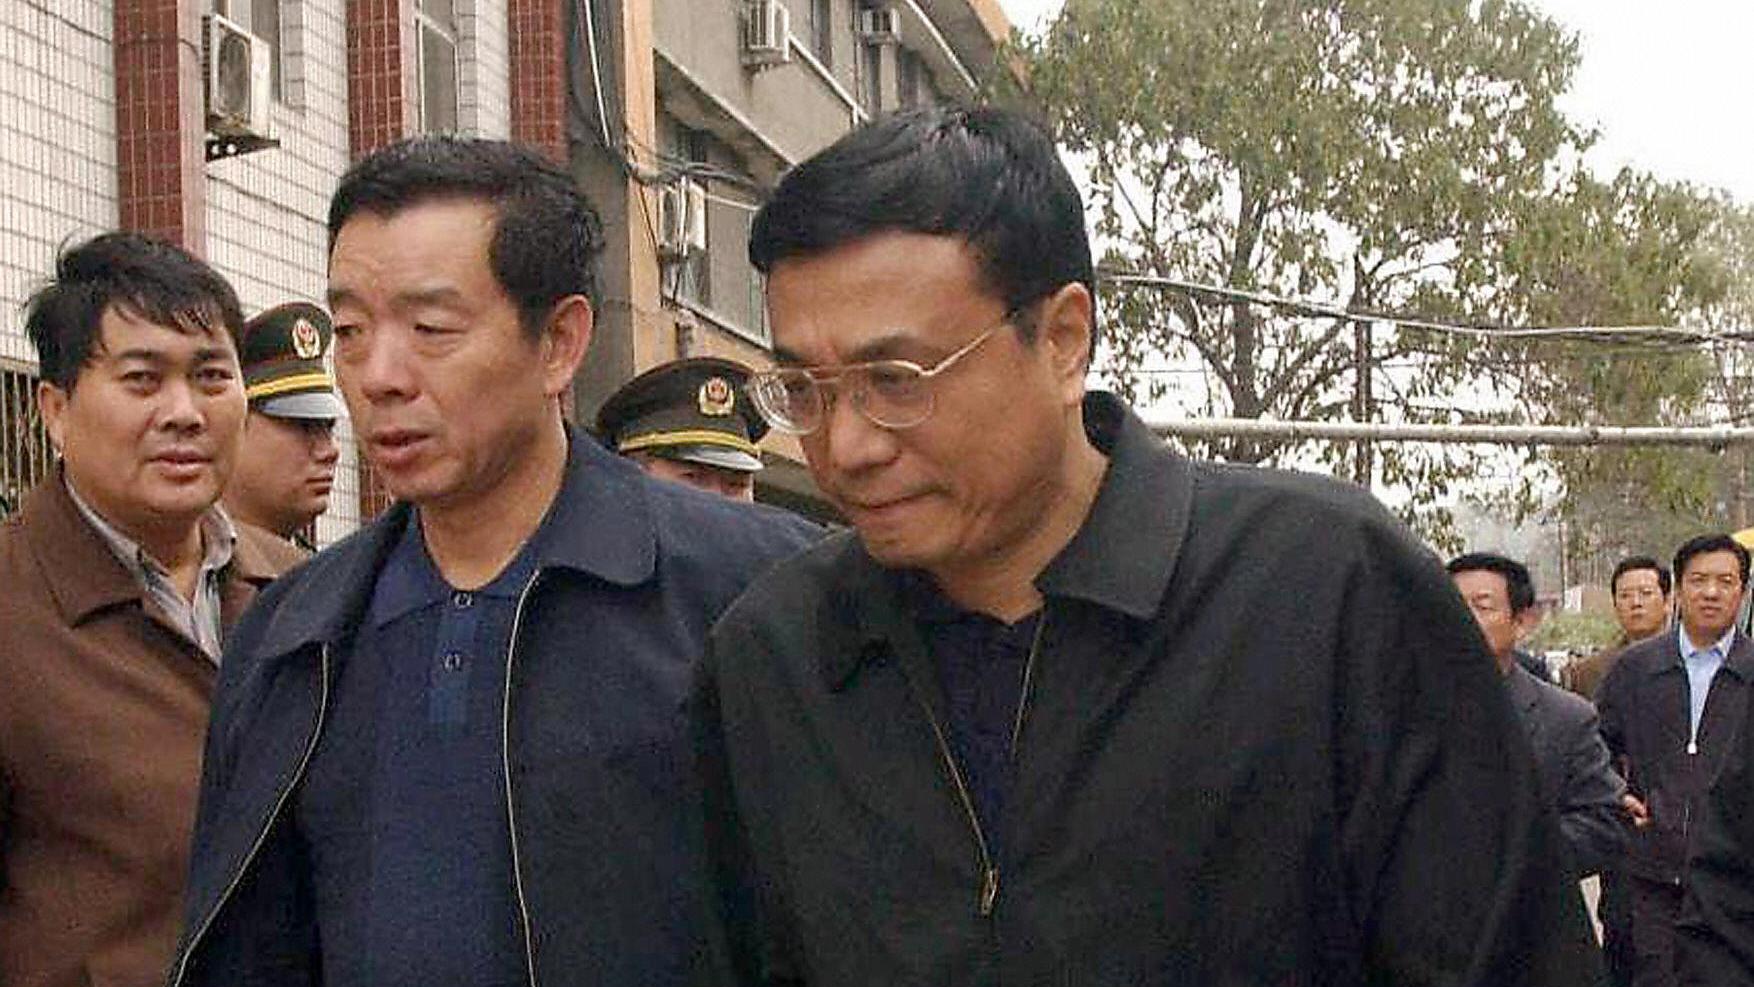 日前,李克強在西安考察時,突然拐進一家肉夾饃小店,問顧客肉夾饃多少錢一個。網友稱歷屆總理都做秀。( STR/AFP/Getty Images)